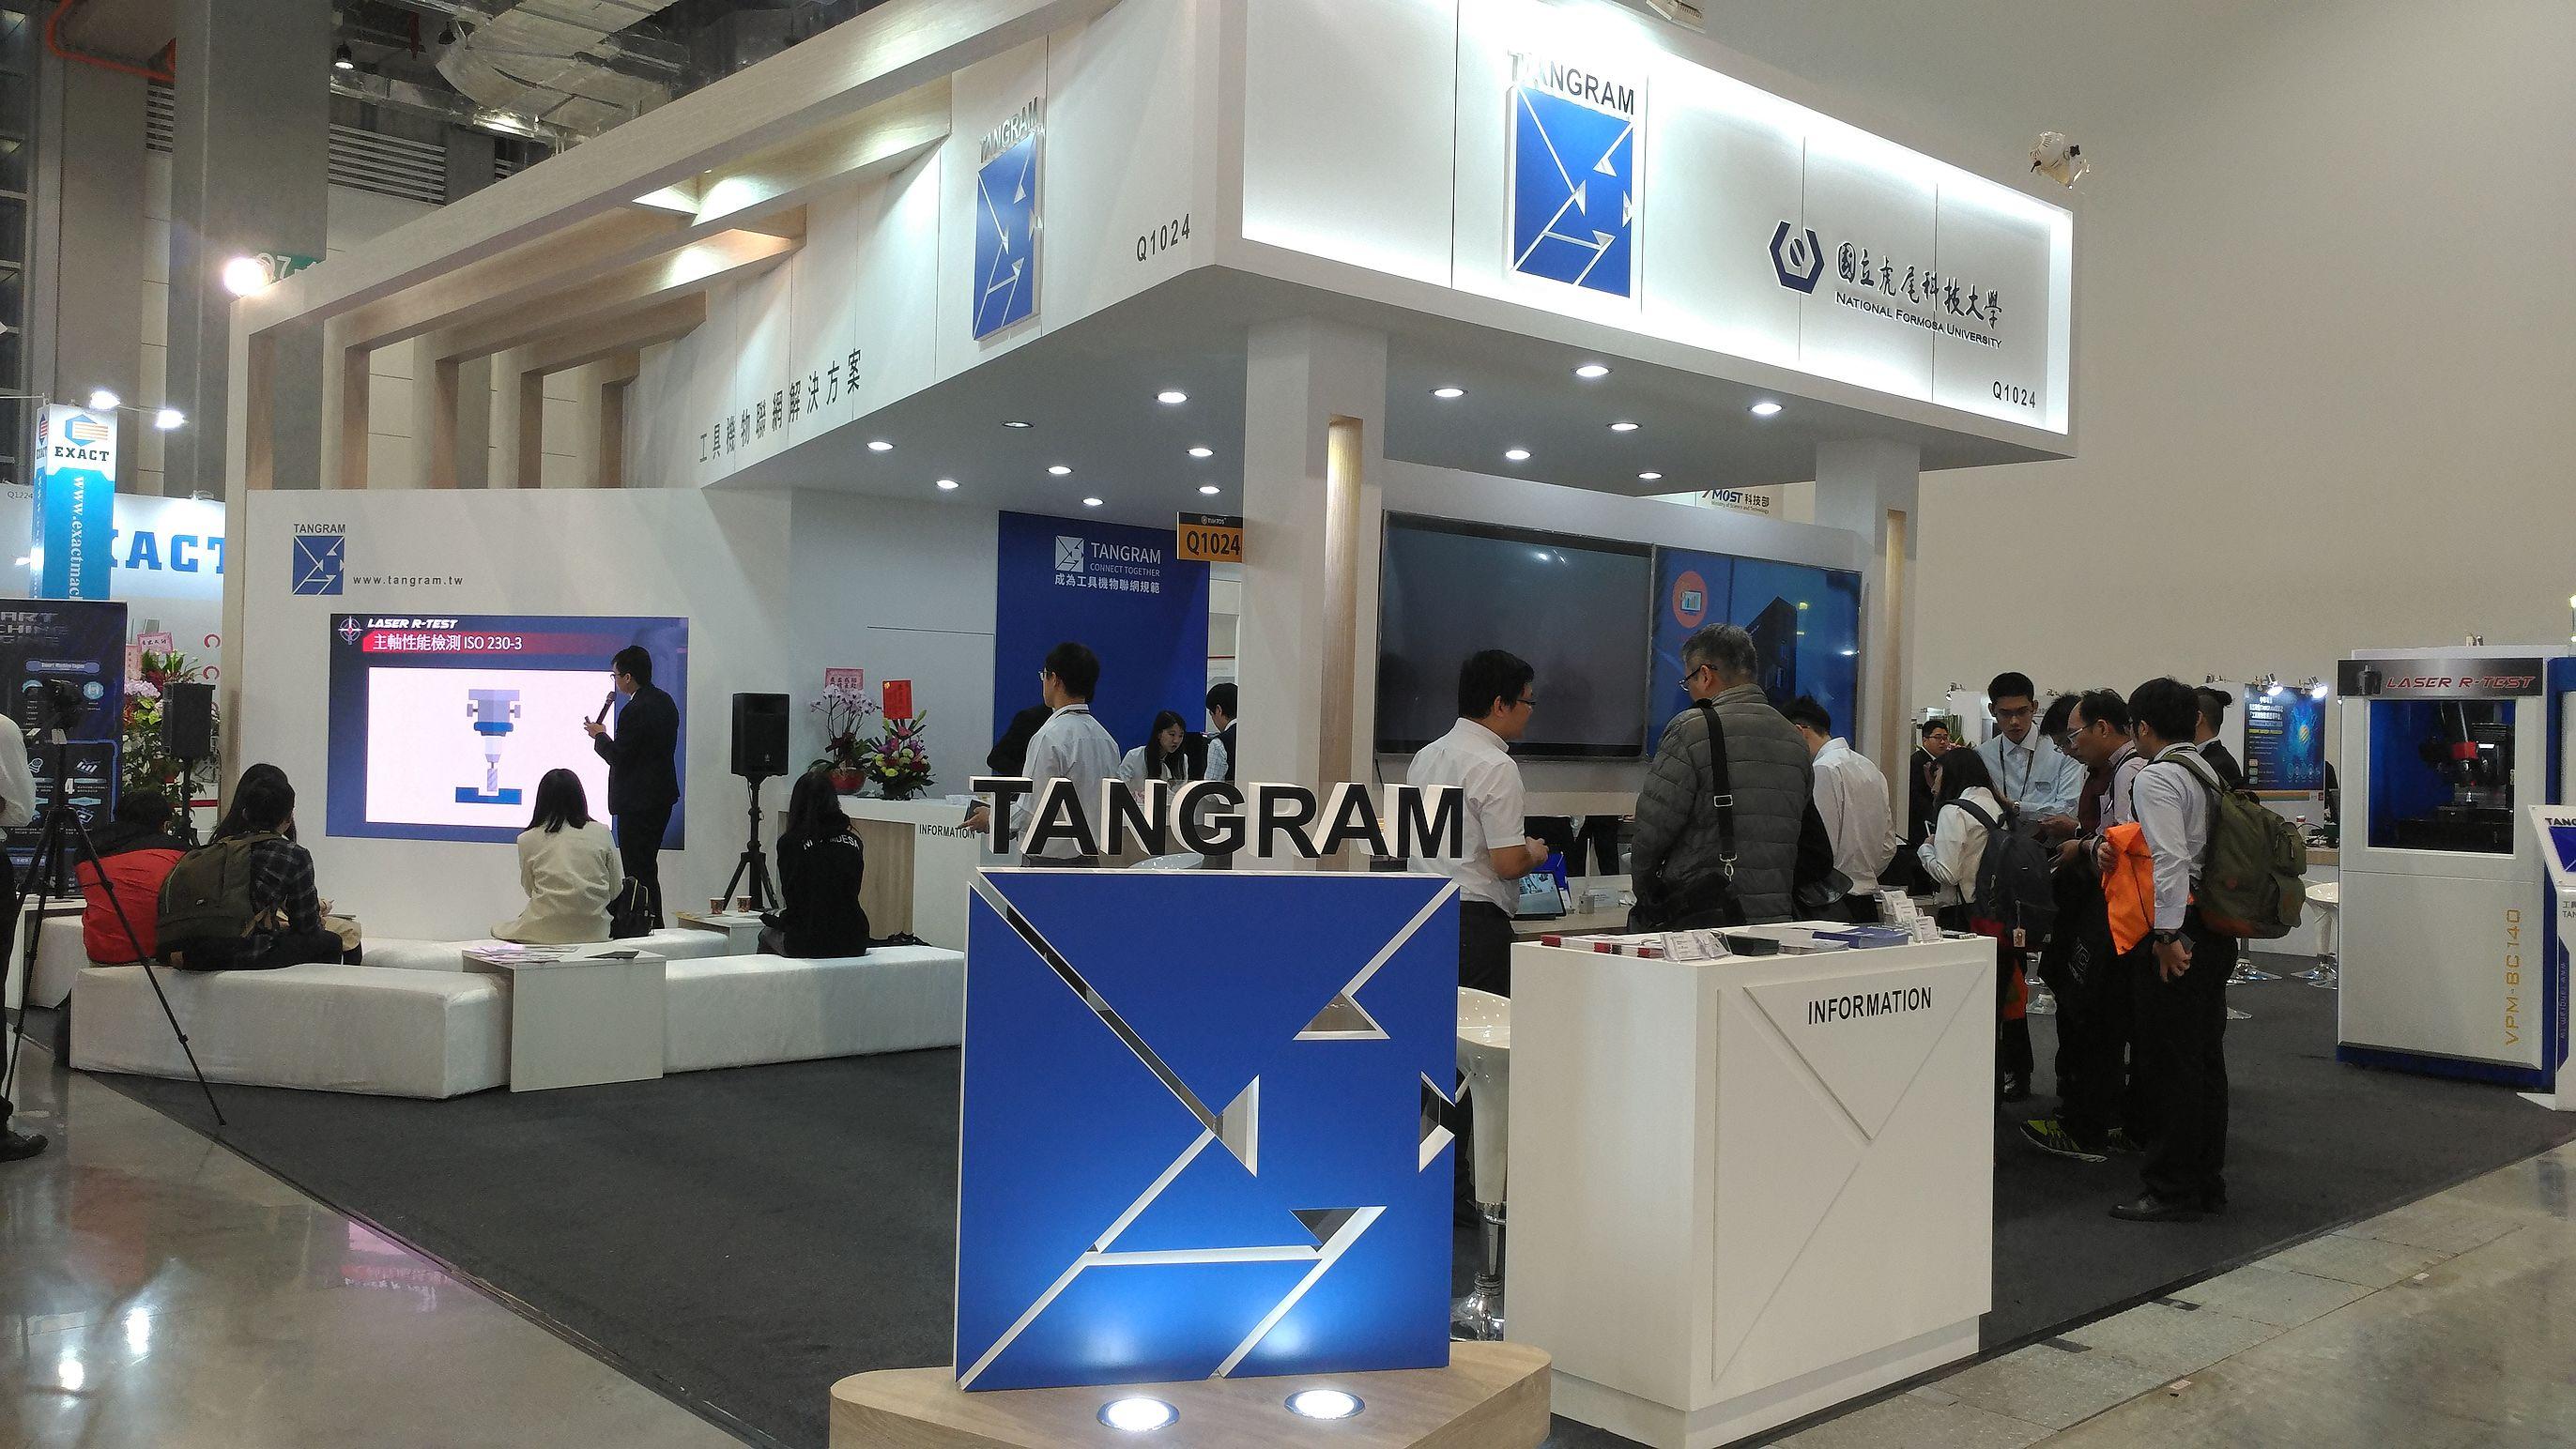 中華電信推出「工具機物聯網應用平台」  攜手 TANGRAM 鏈結工業 4.0 共創產業數位新經濟